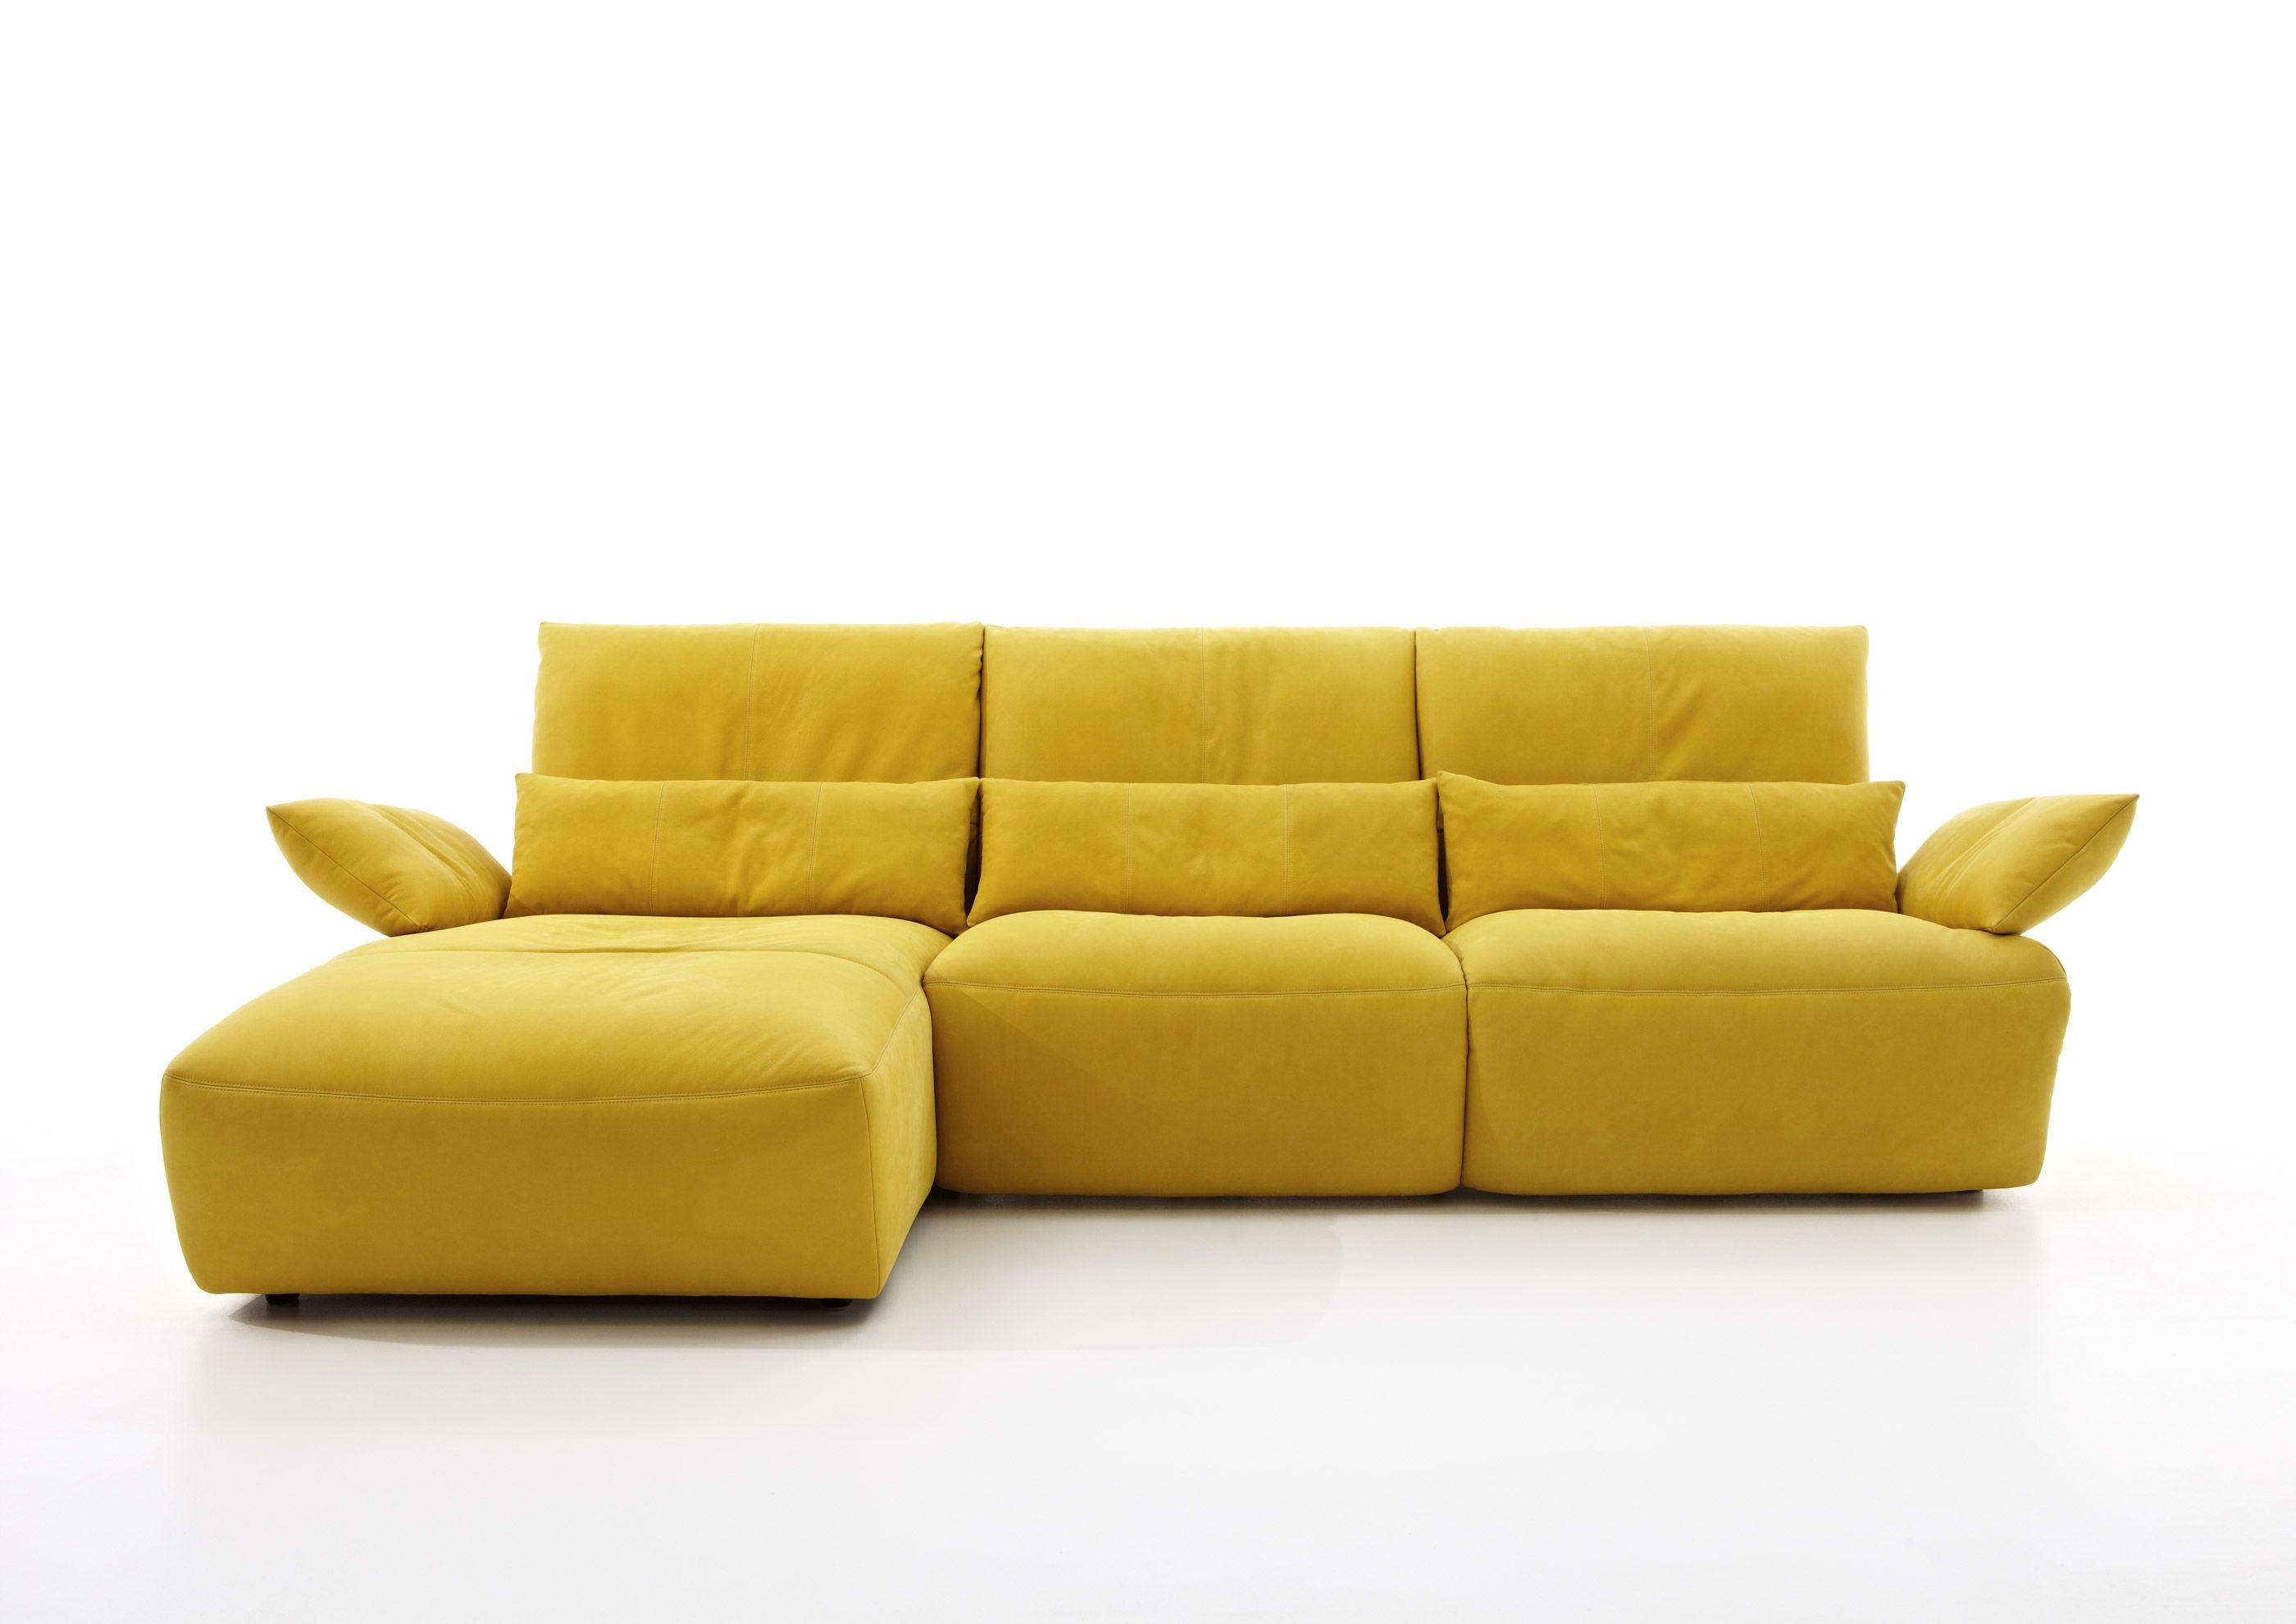 Koinor Longchairkombination EASY | Wolle kaufen ...